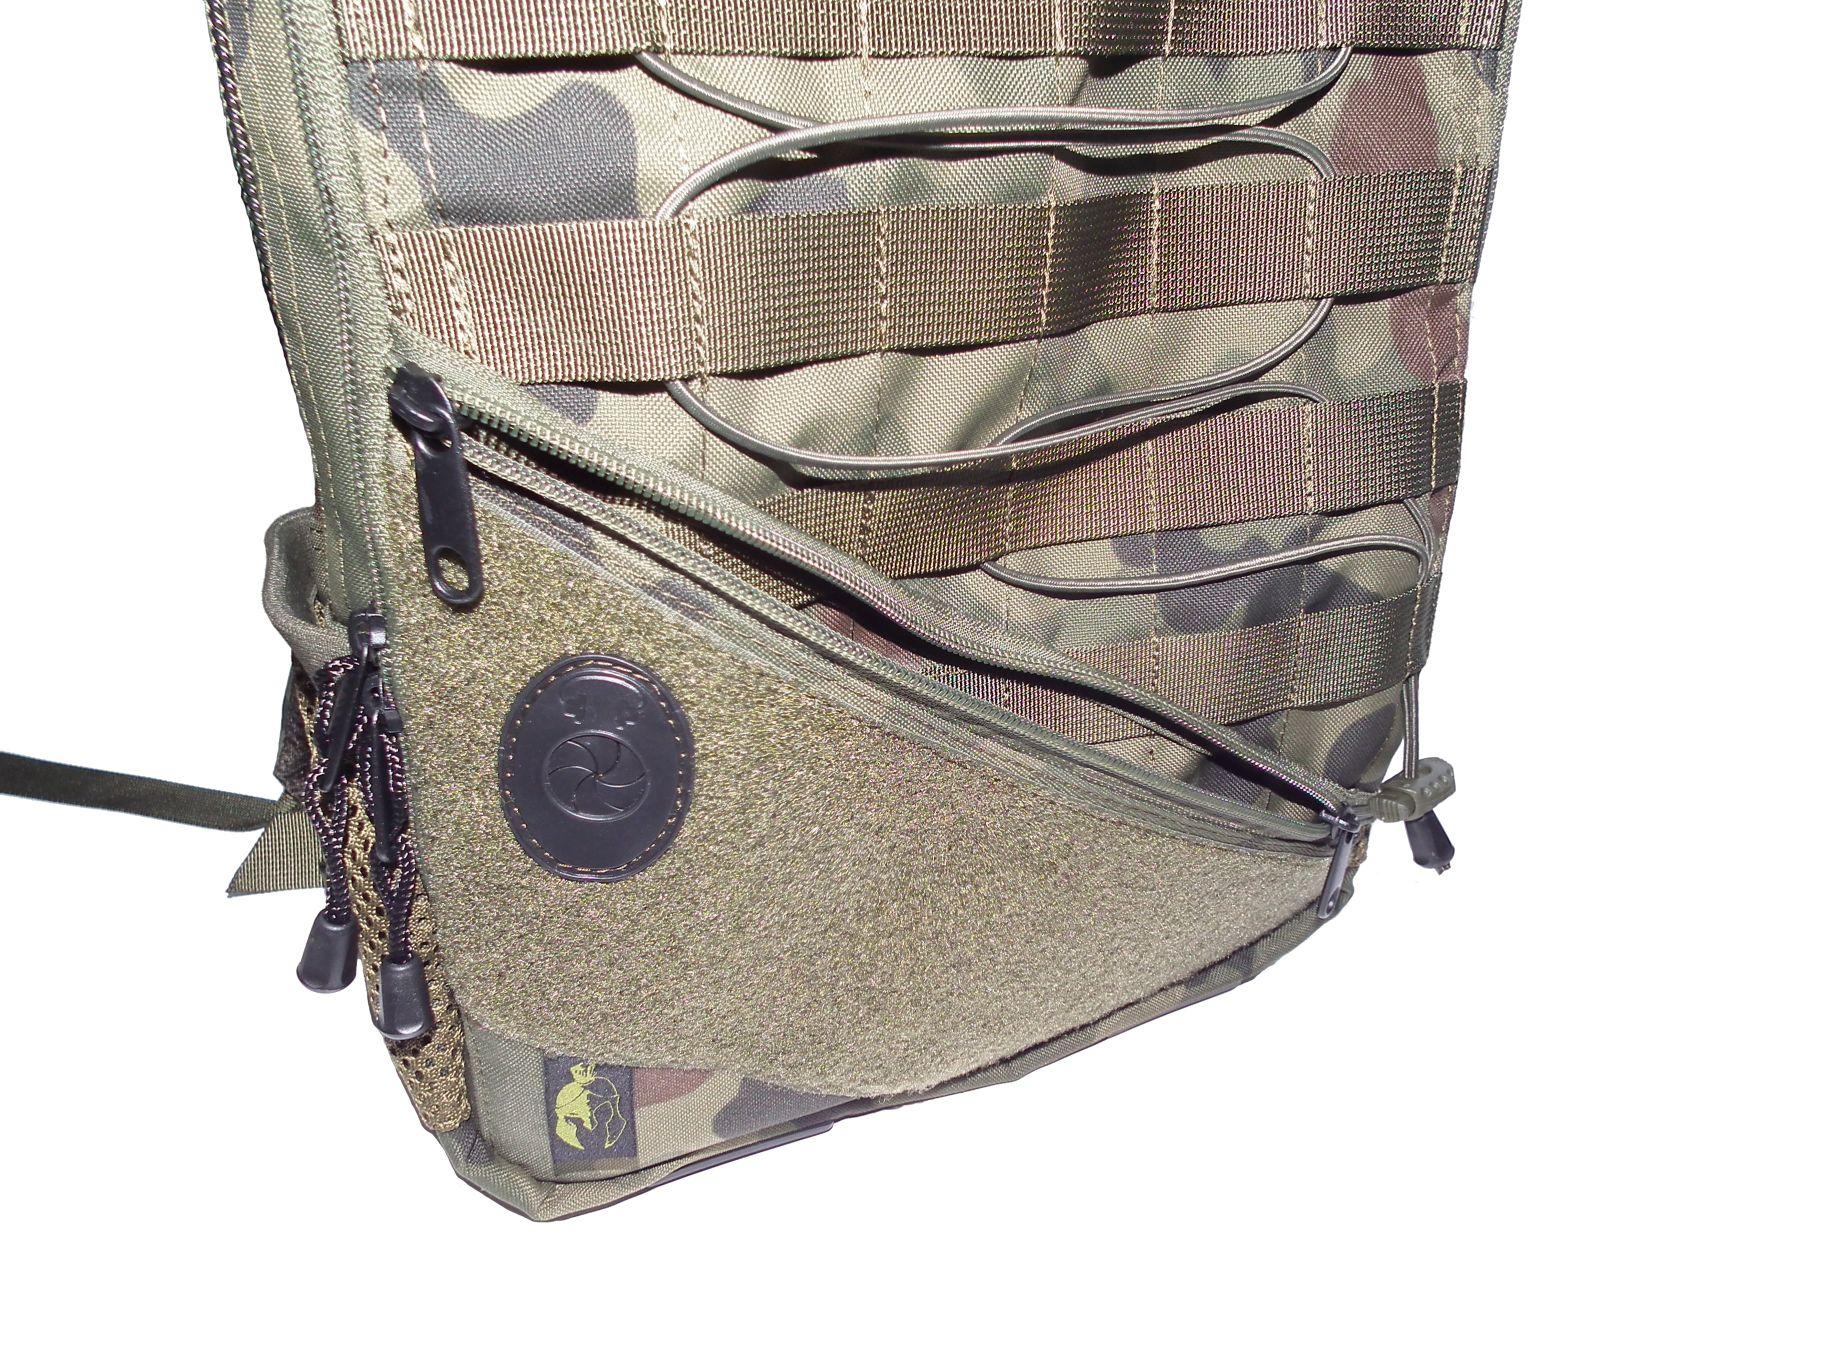 Plecak wz.93